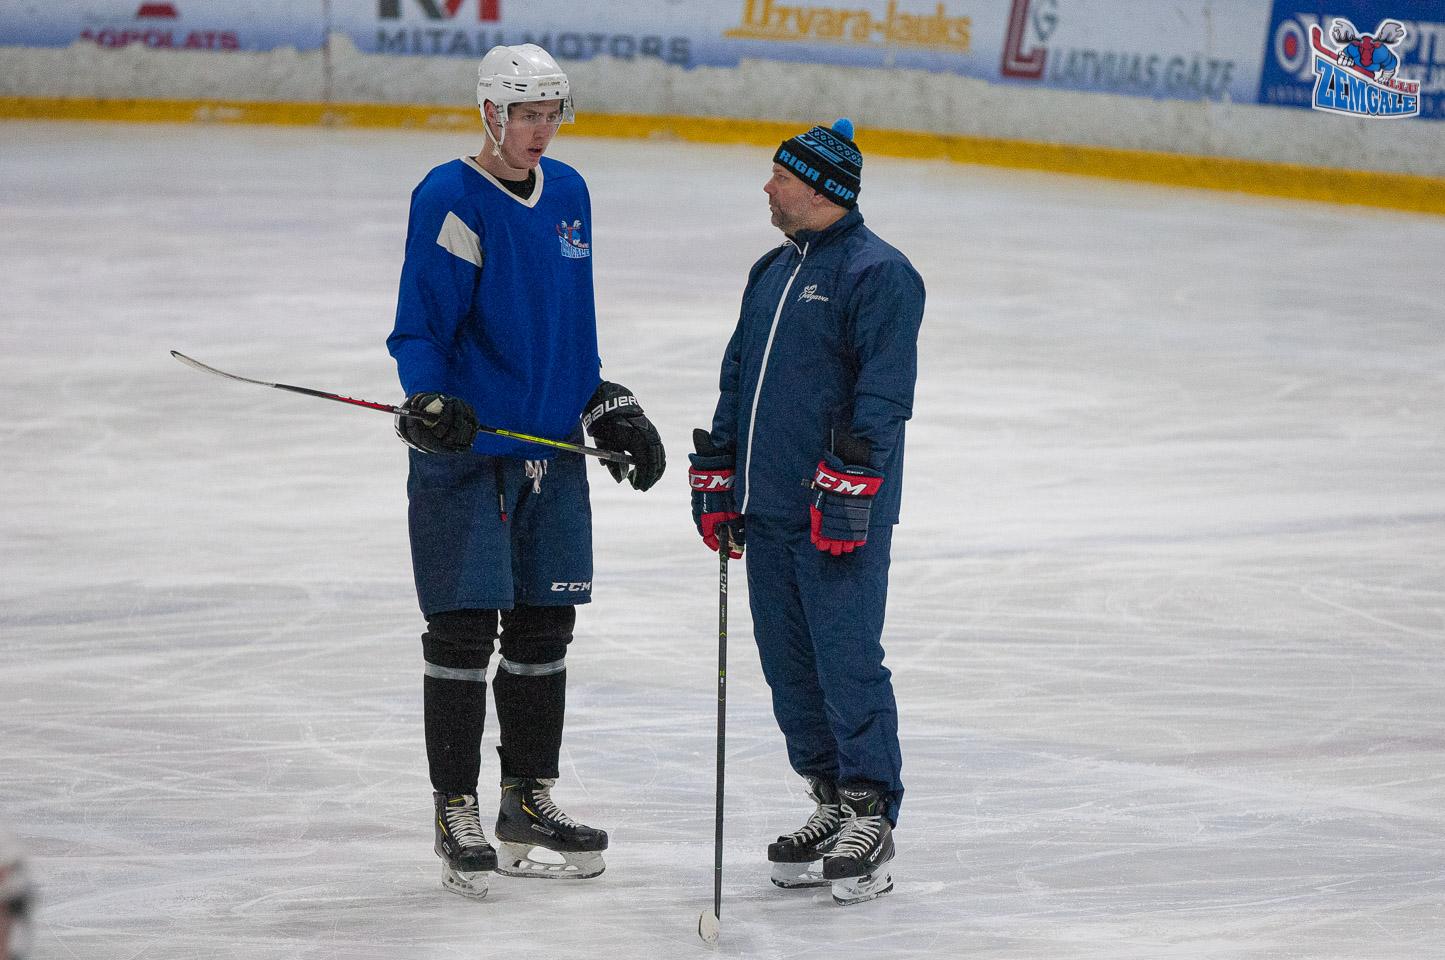 Gara auguma hokejists uz ledus sarunājas ar treneri.